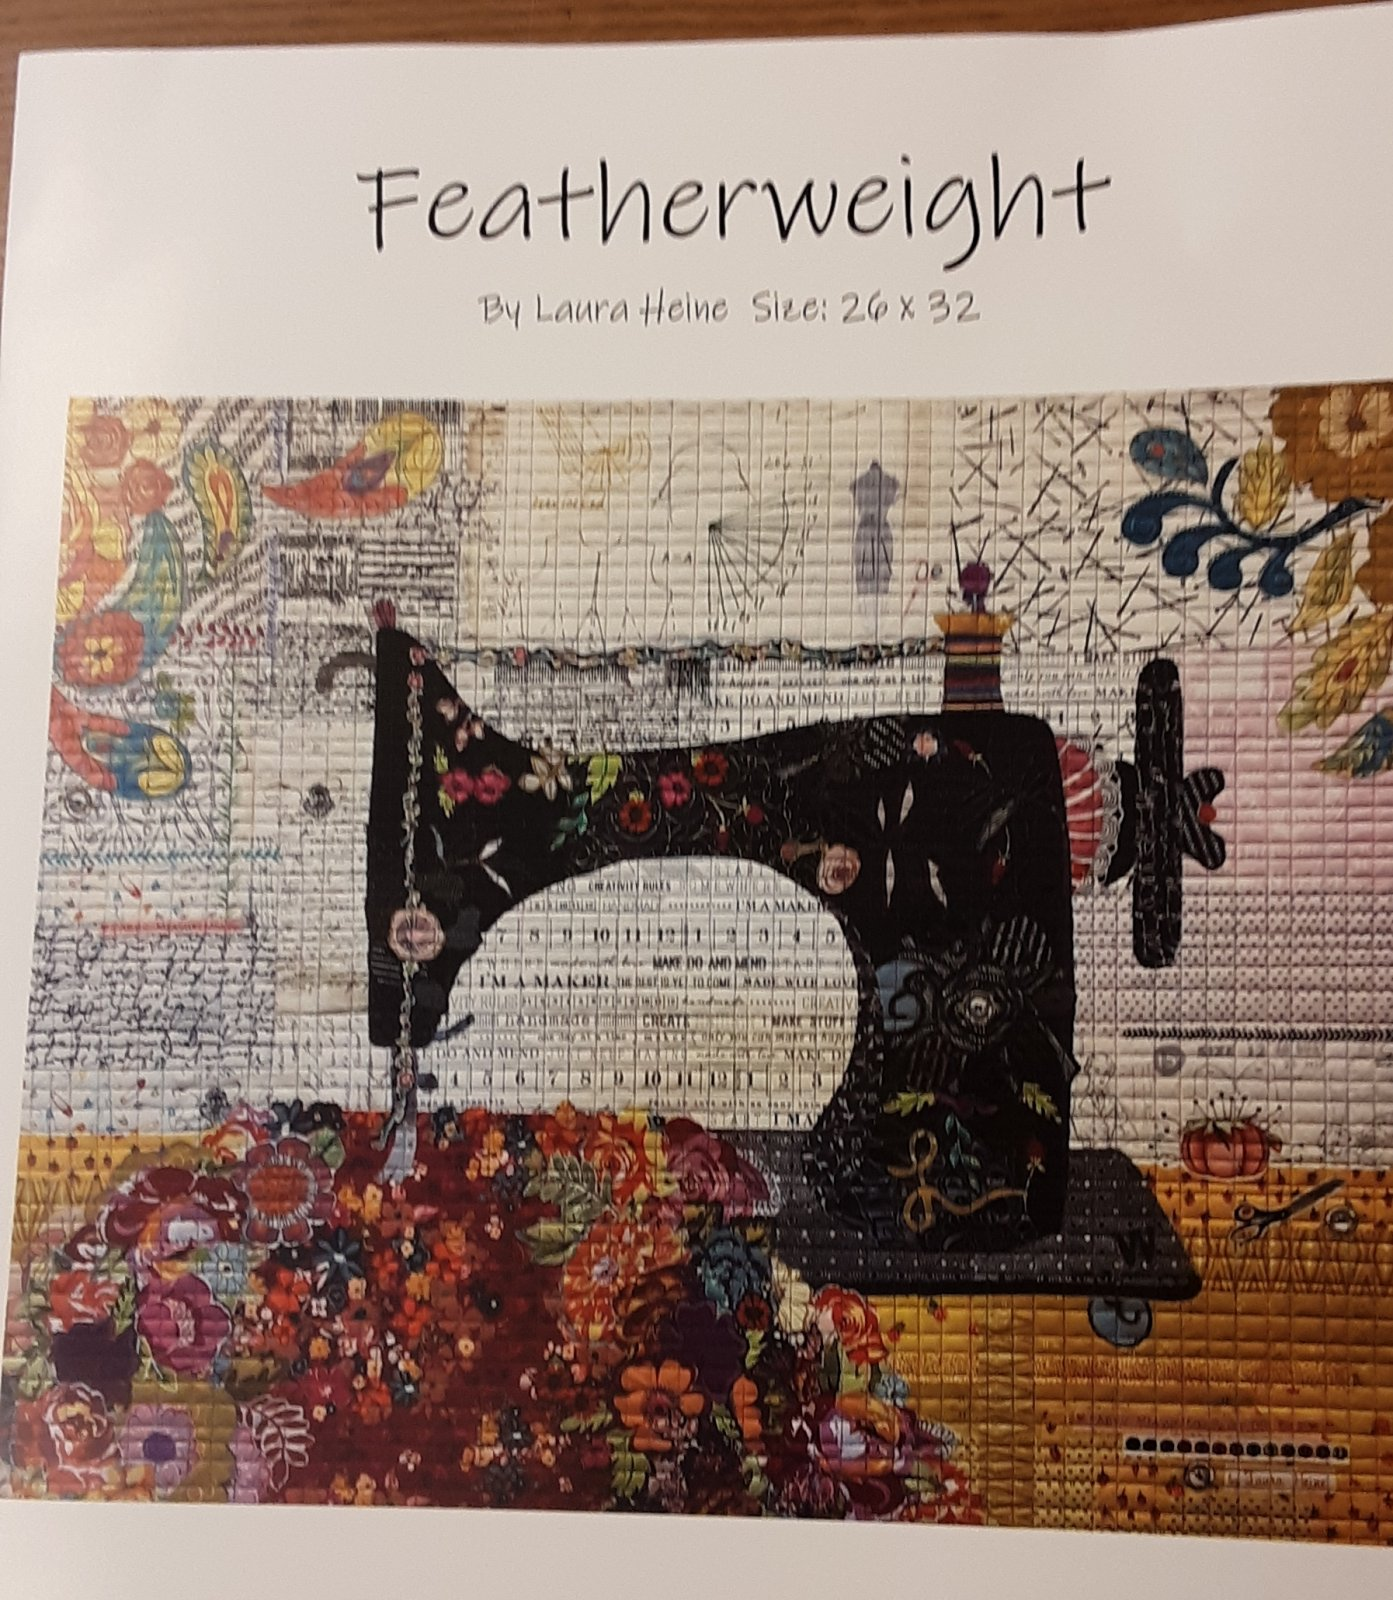 Featherweight Collage Pattern by Laura Heine